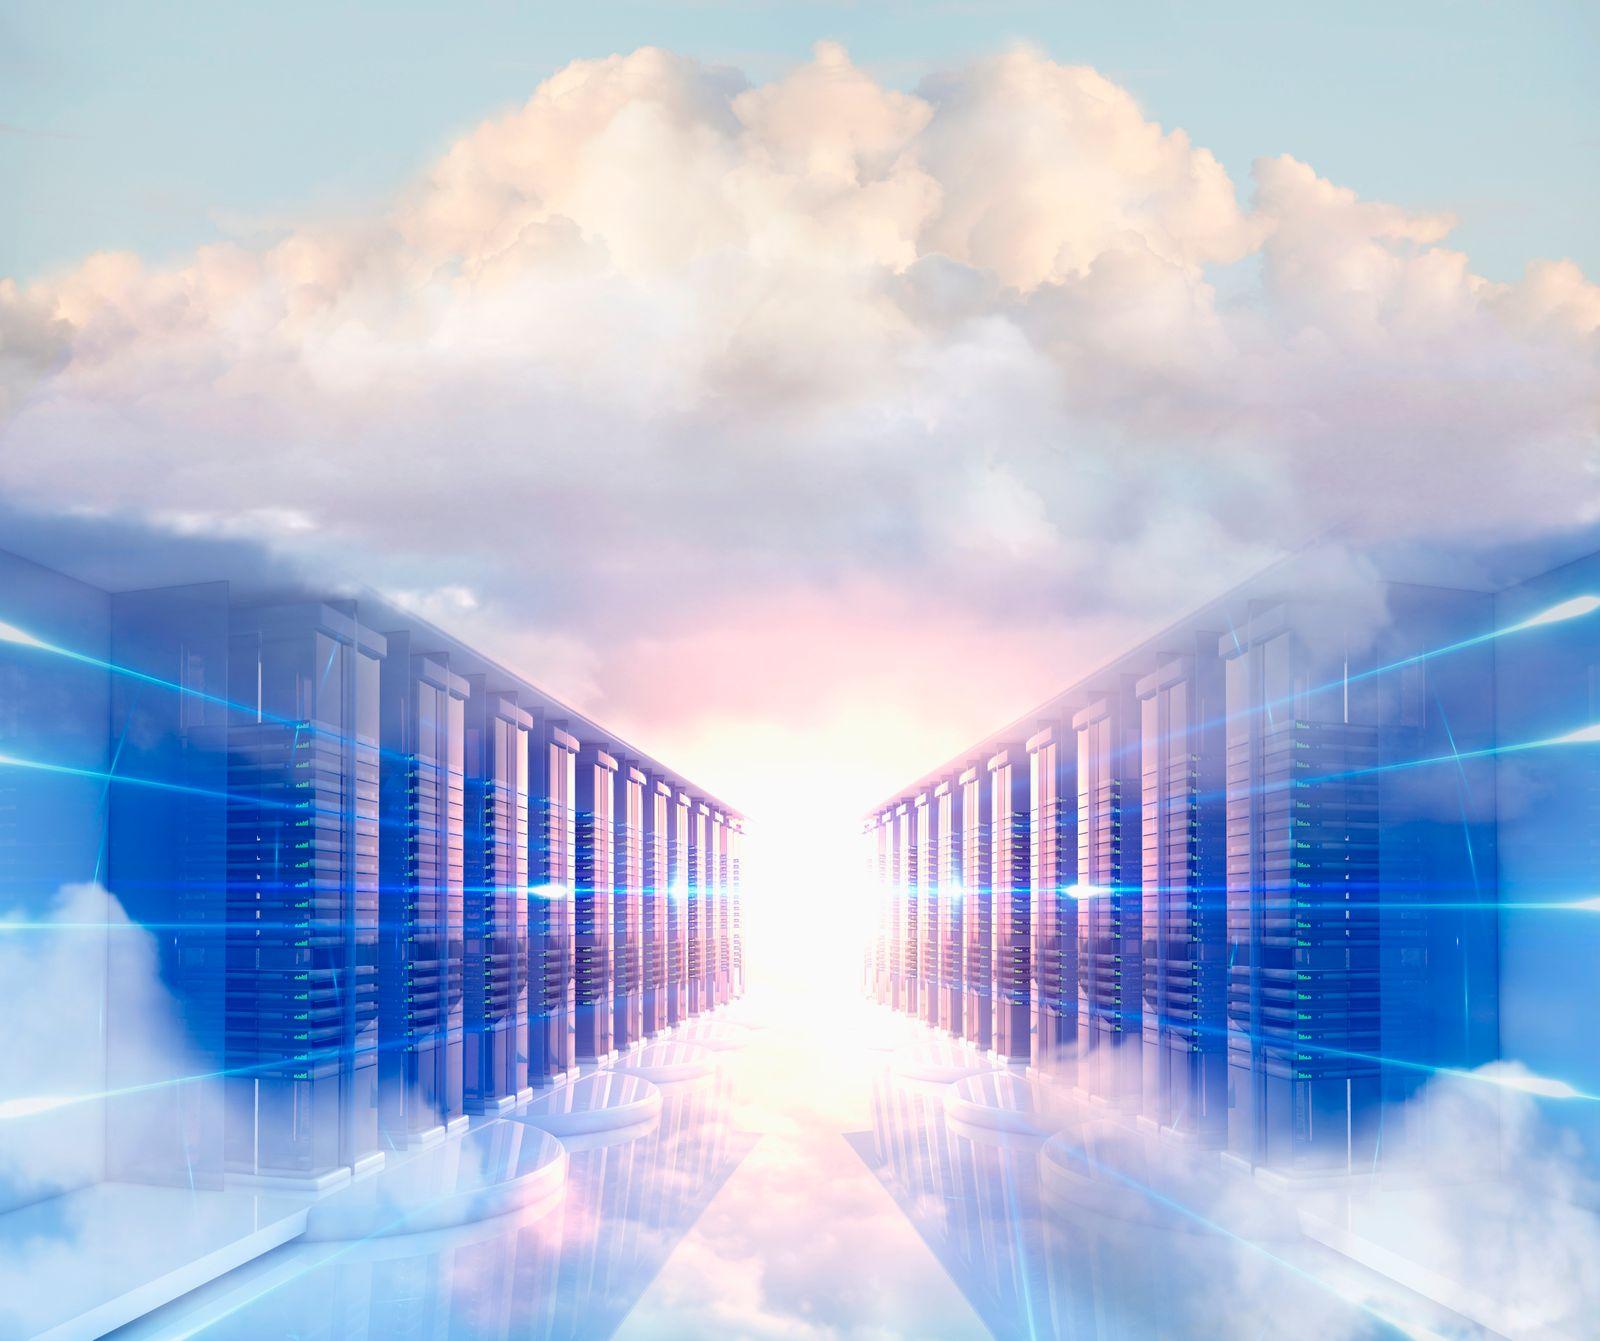 NICHT MEHR VERWENDEN! - Clouds in server room